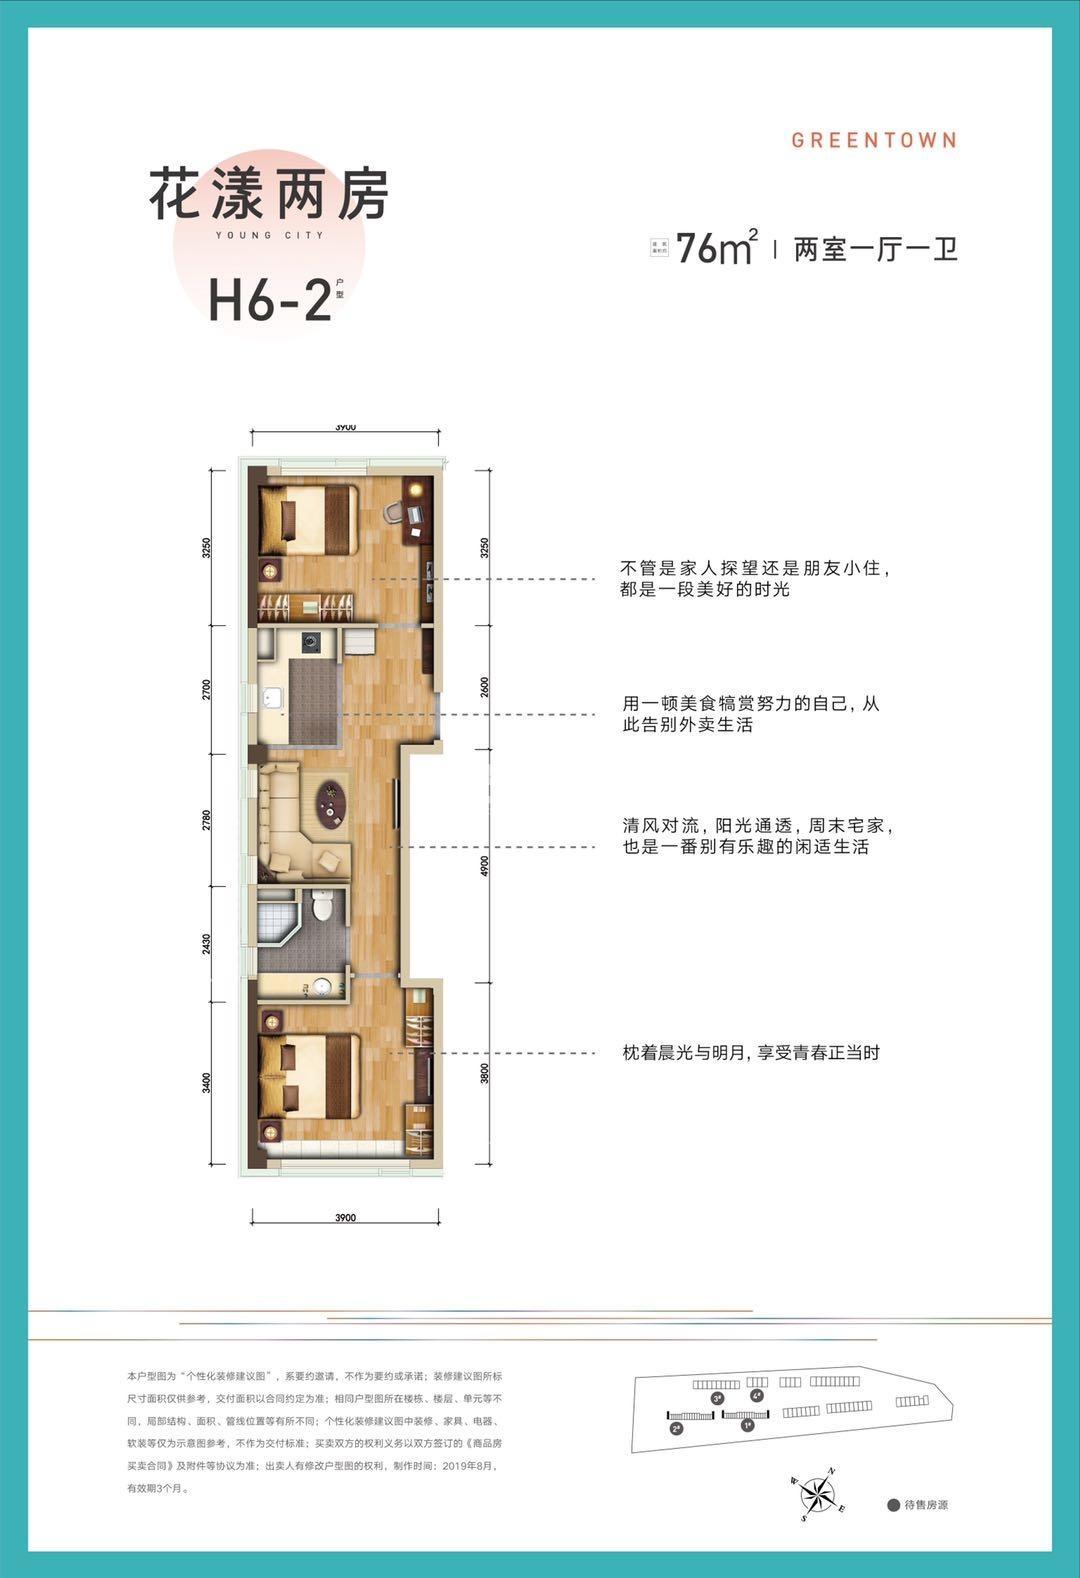 地铁绿城杨柳郡四期H6-2户型约76㎡(1#2#边套)